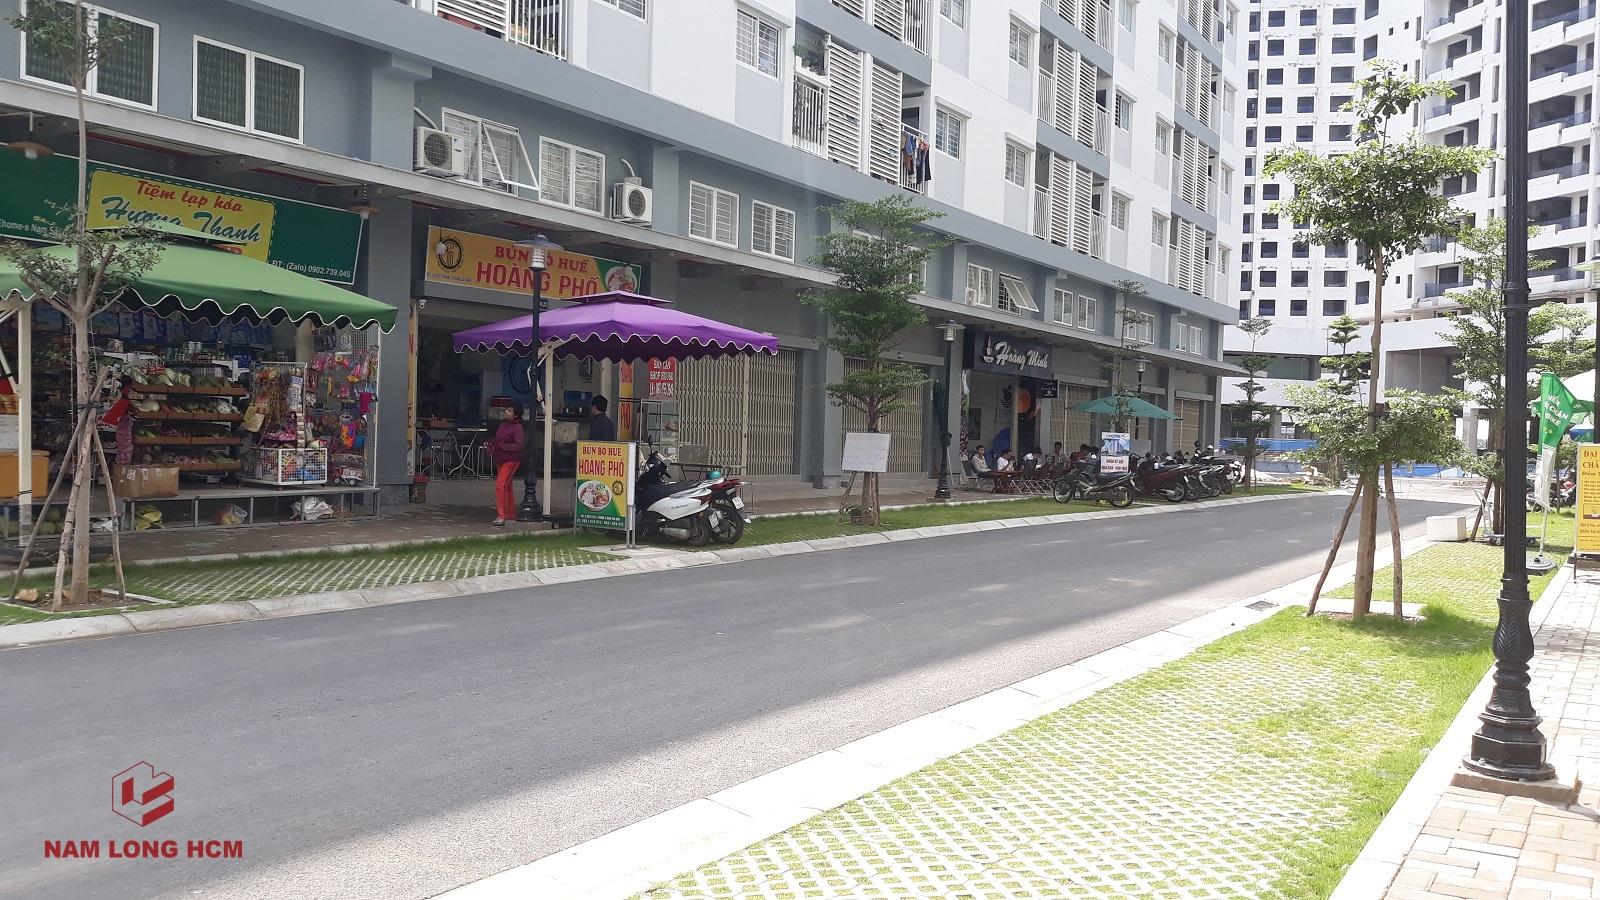 Shophouse Ehome Mizuki hoạt động khá nhộn nhịp với các dịch vụ chủ yếu là cafe, quán ăn, tạp hóa, văn phòng công ty,... Ảnh: Nam Long HCM